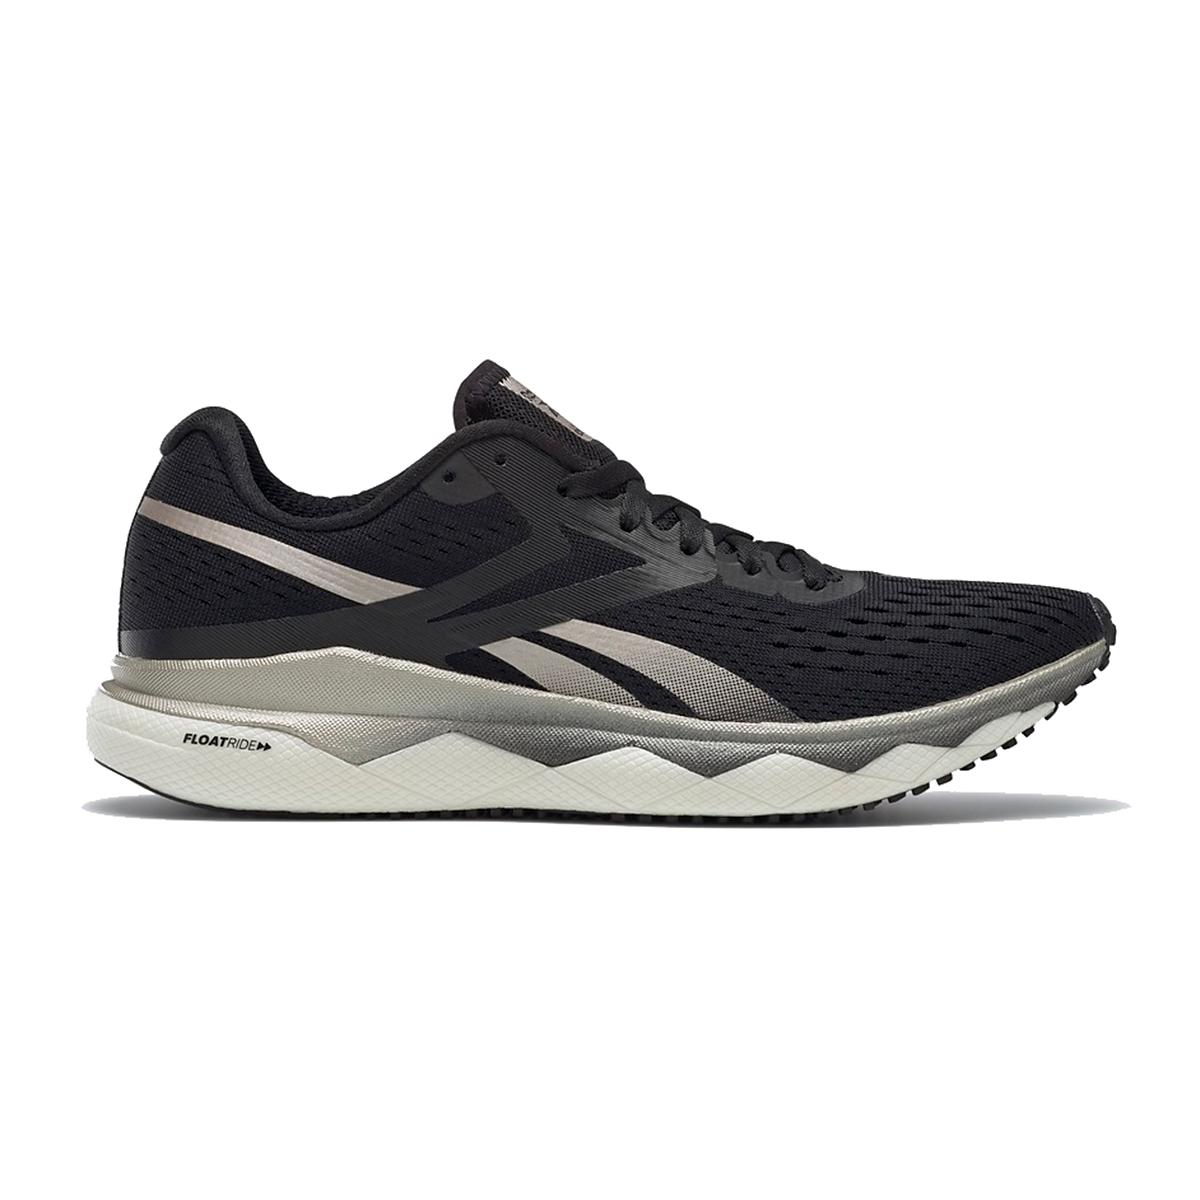 Women's Reebok Floatride Run Fast 2.0 Running Shoe - Color: Black/Moondust/White - Size: 5 - Width: Regular, Black/Moondust/White, large, image 1